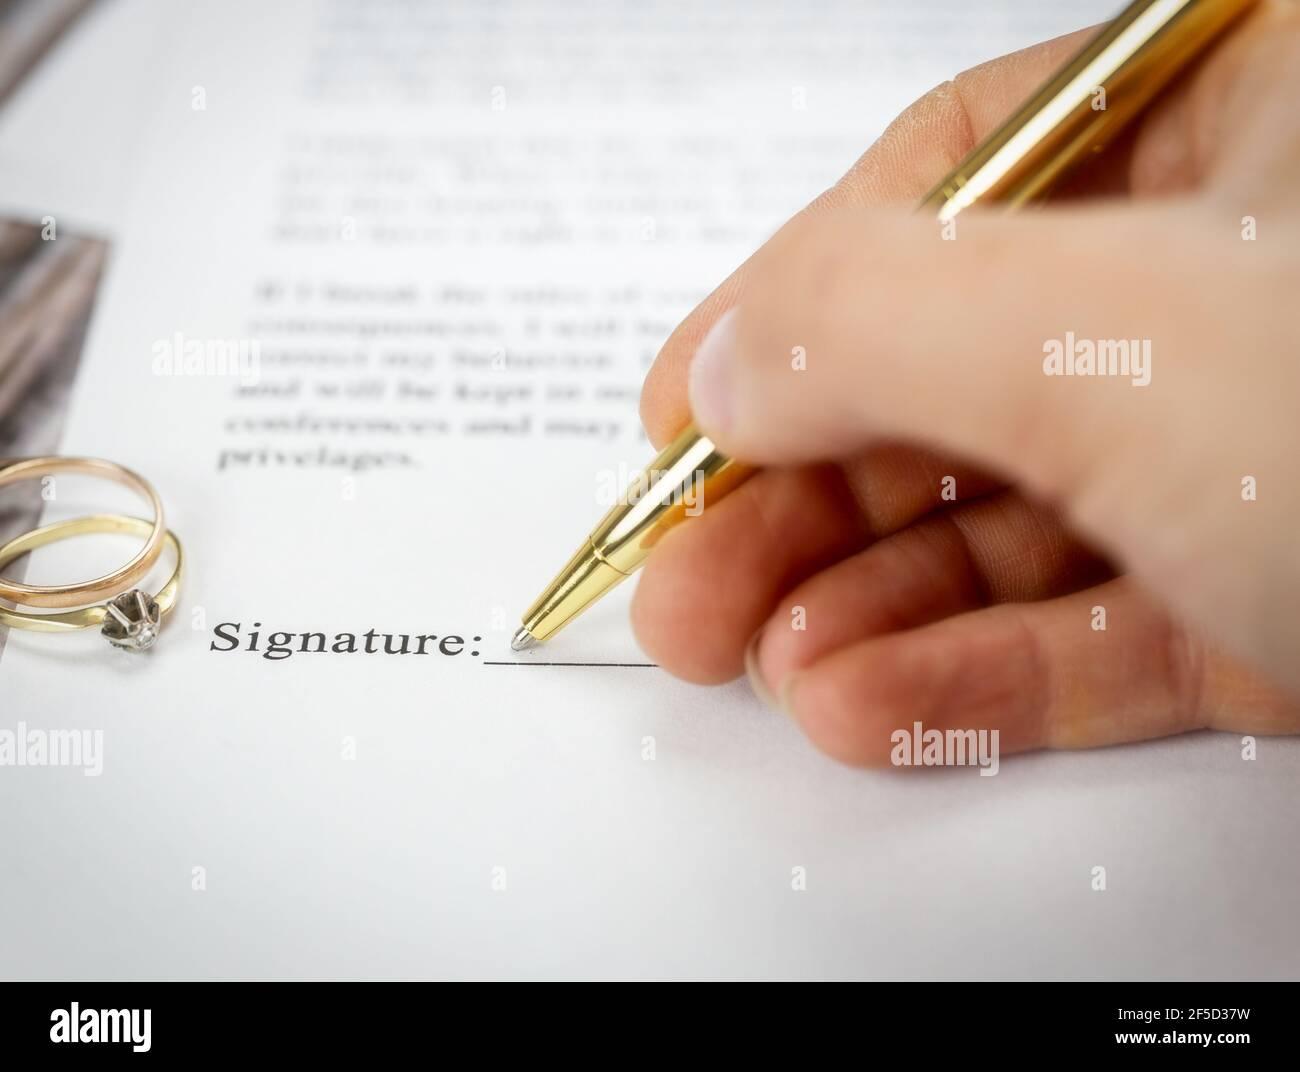 Contrat de mariage avec deux anneaux de mariage d'or et stylo d'or, accord prénuptial, macro gros plan, signer avec la signature, document, concept d'accord Banque D'Images